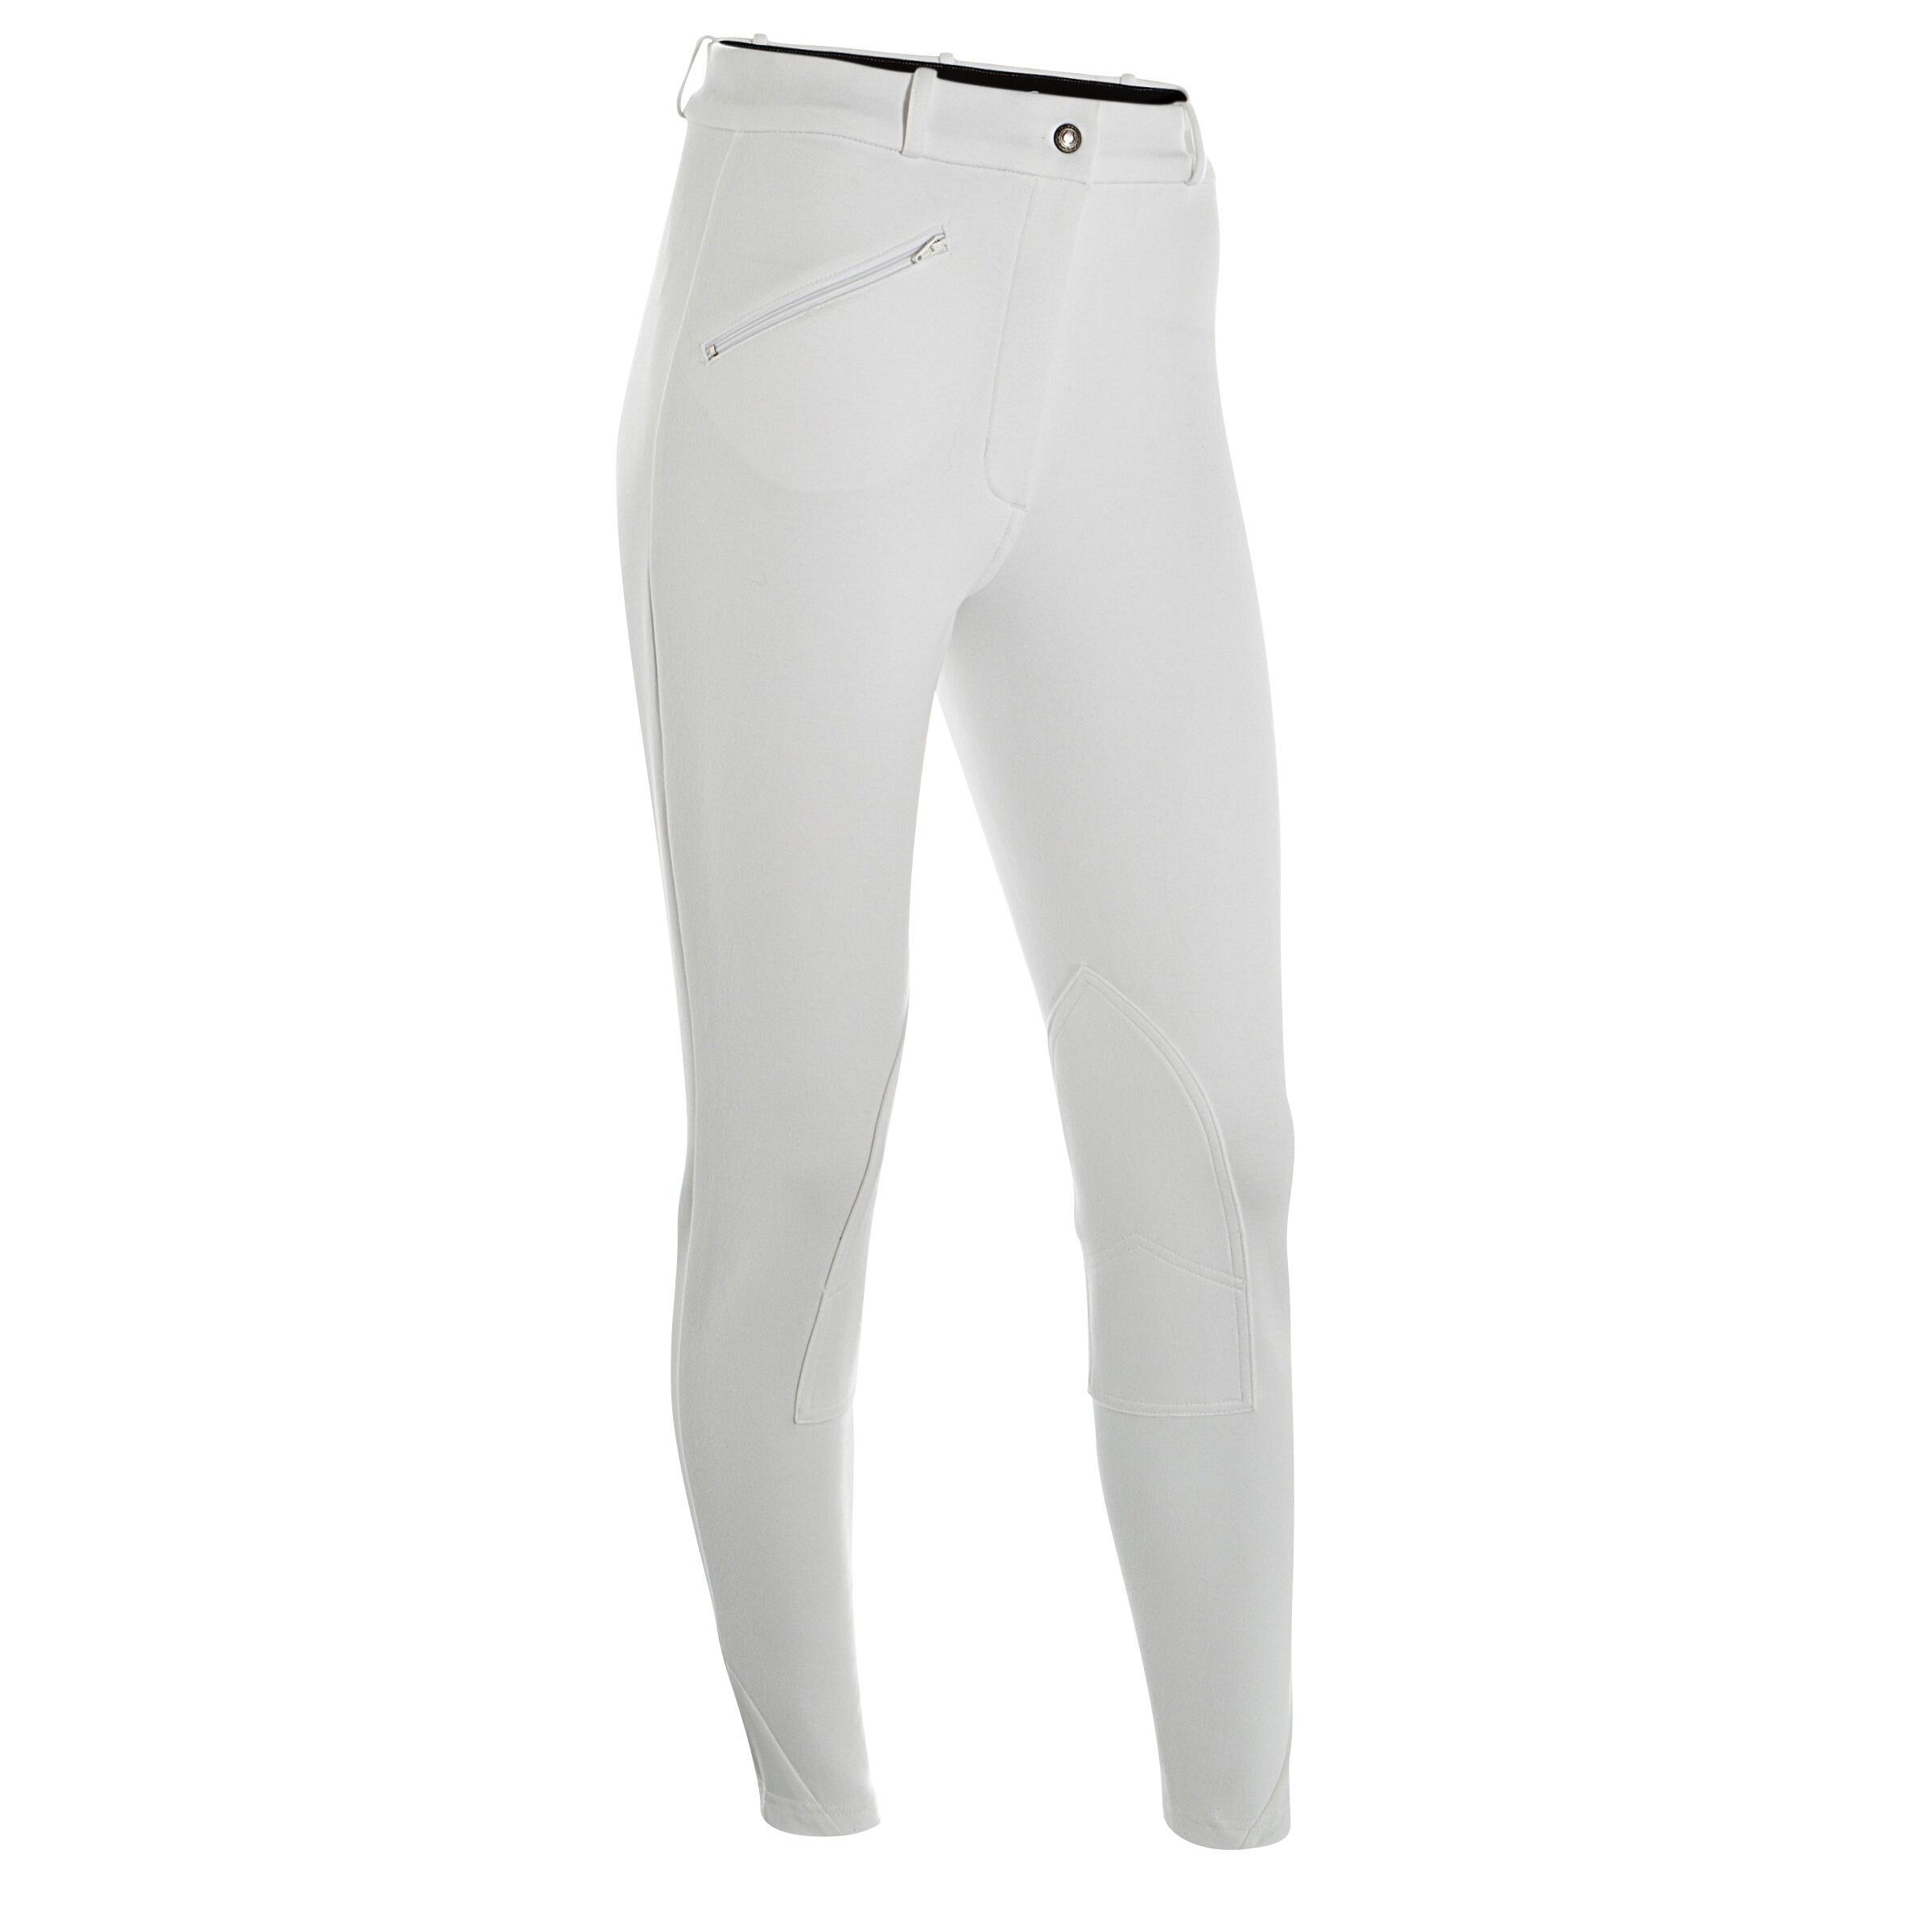 Pantalon de concours équitation femme 100